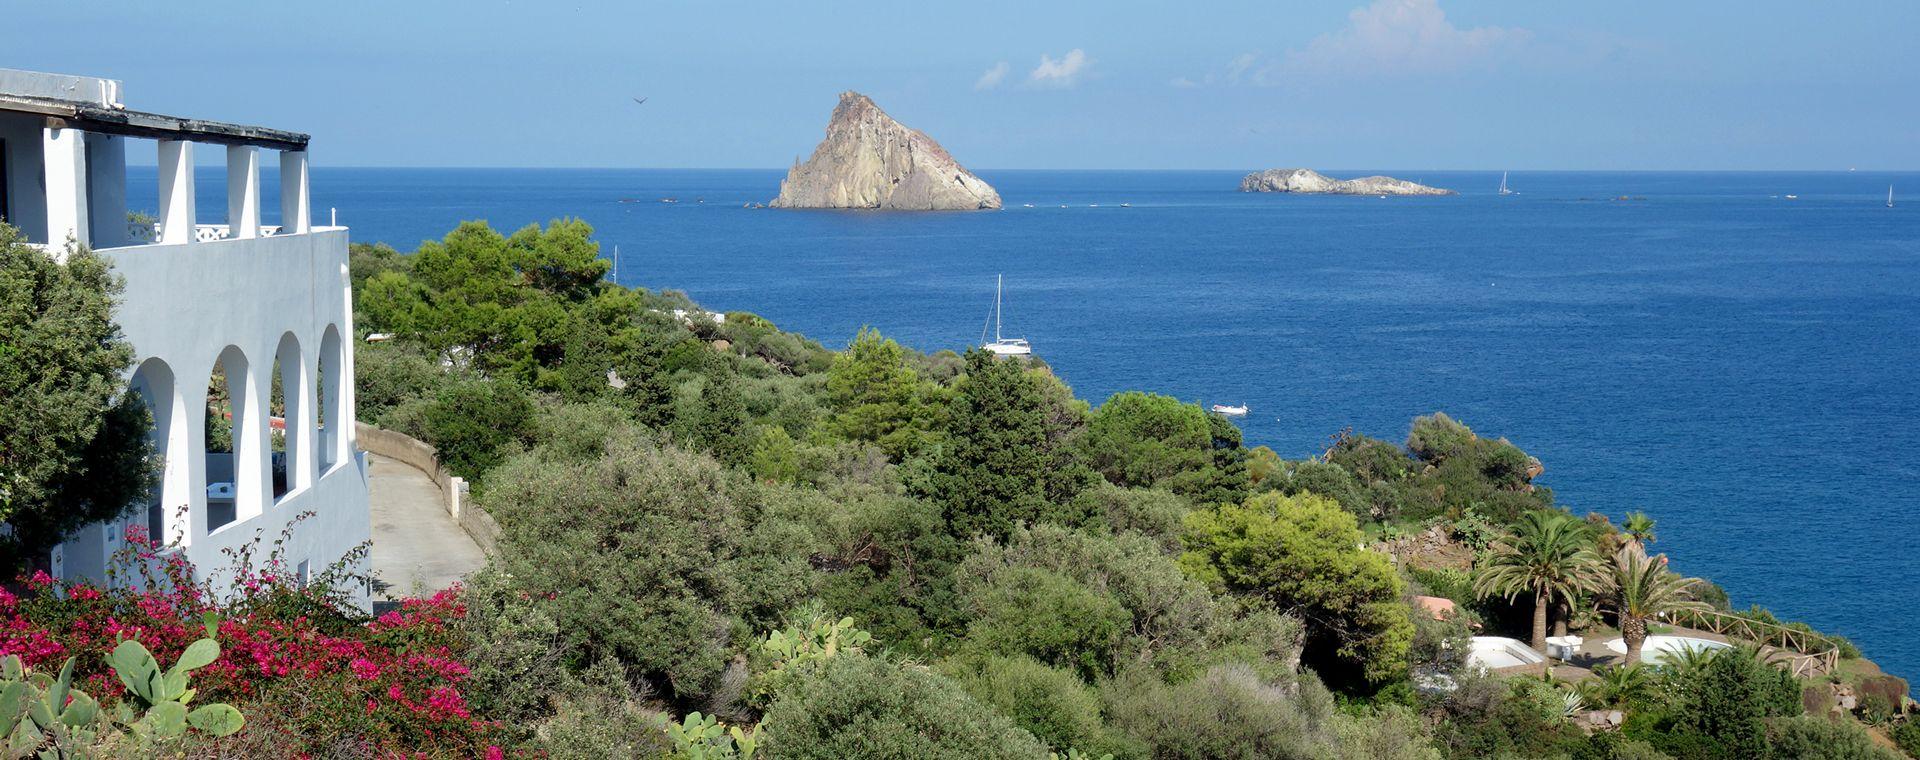 Image Îles Éoliennes et Etna